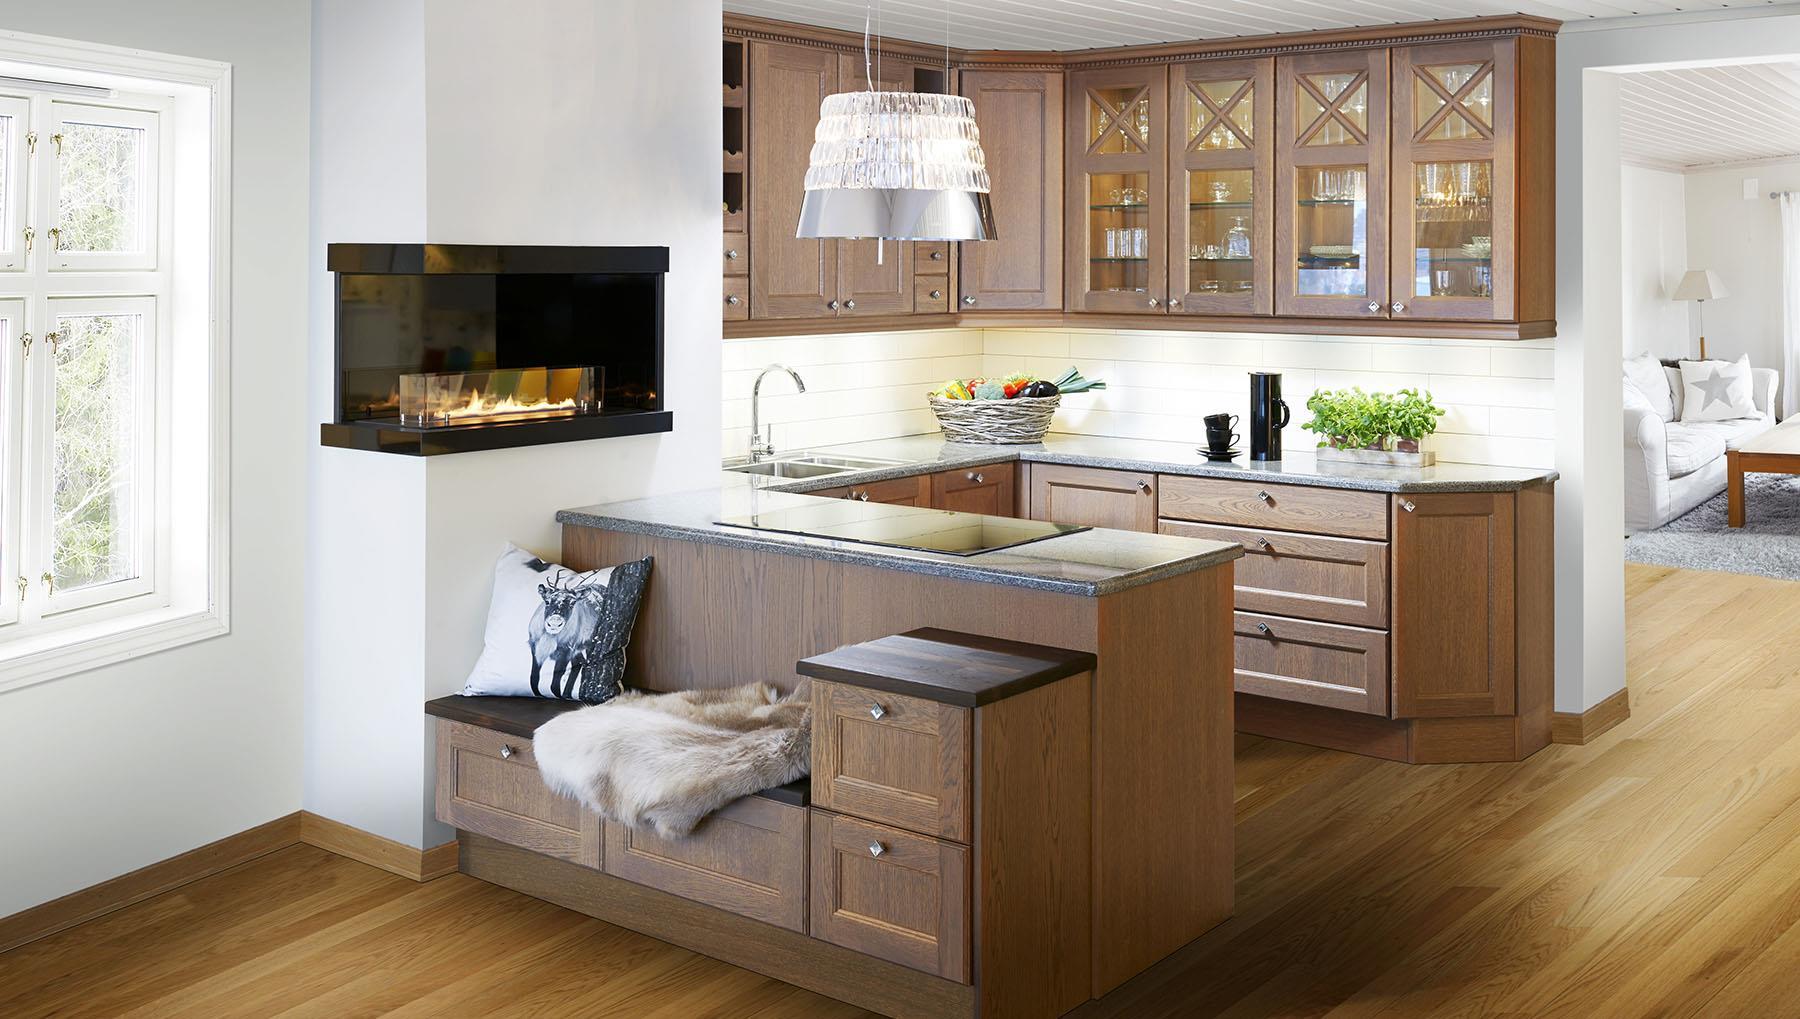 Kjokken Med Sittebenk # Fmlex com> Beste design inspirasjon for hjemmerom arrangement